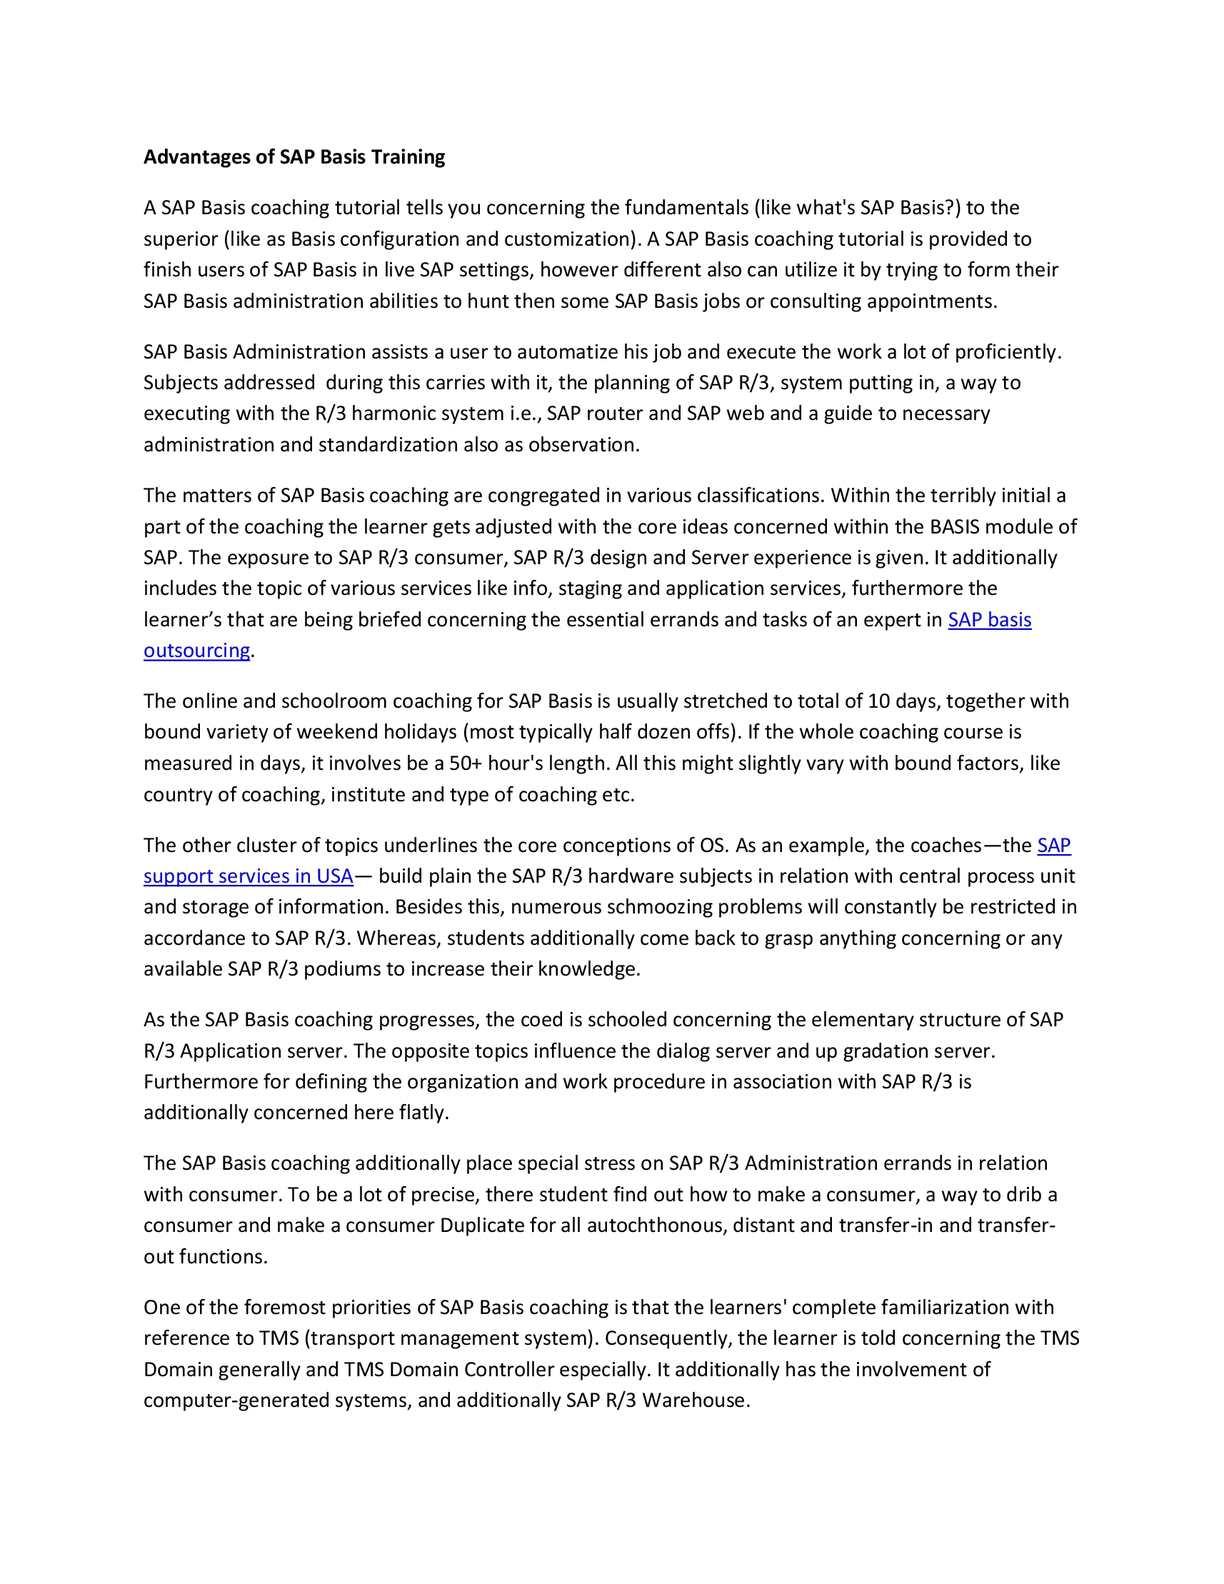 Calaméo - Advantages of SAP Basis Training